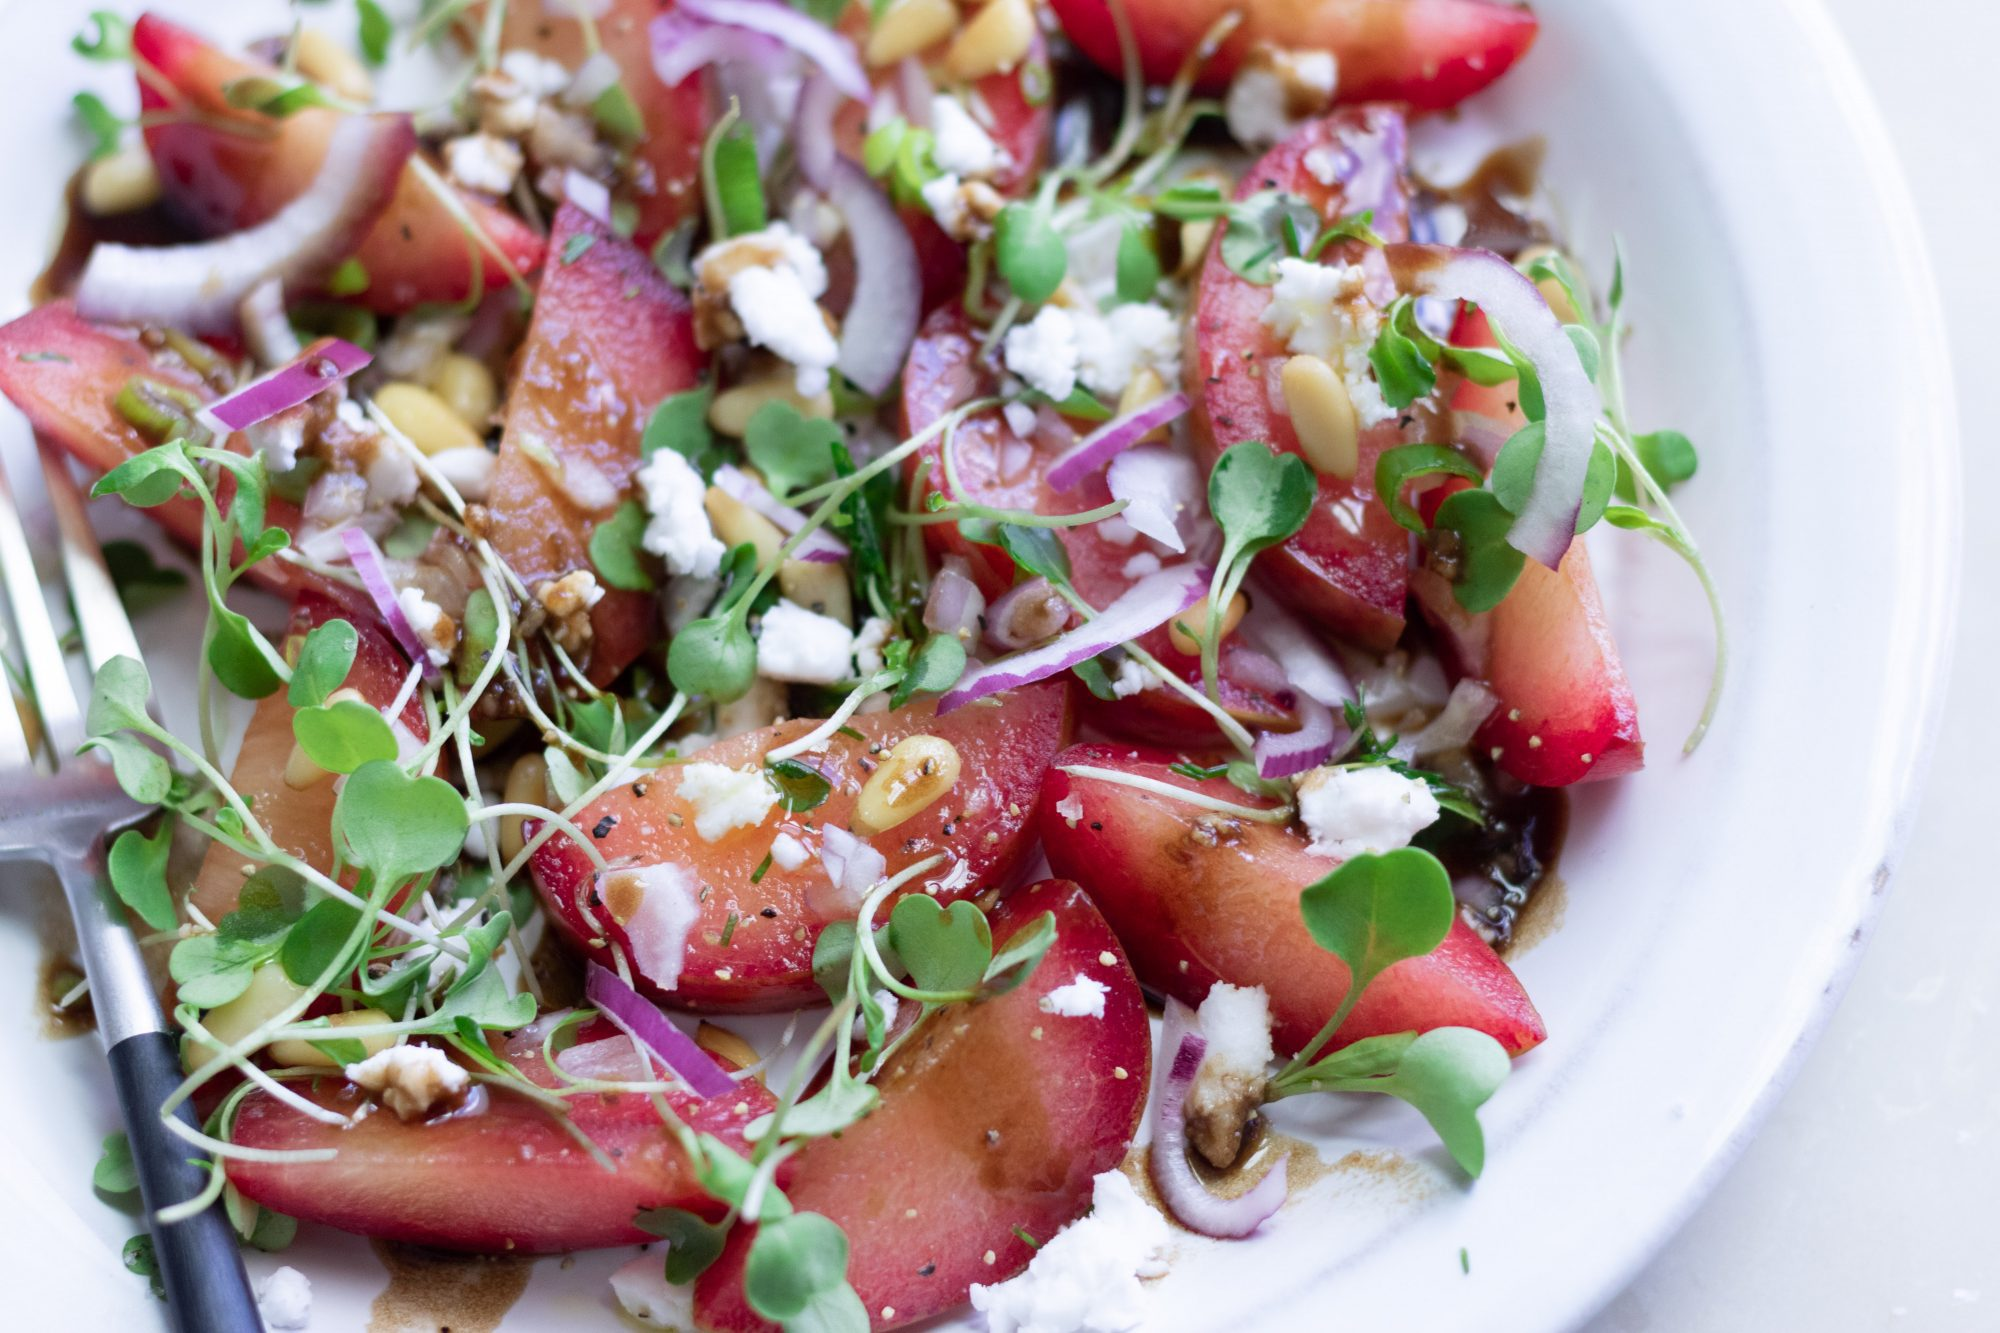 Plumcot Salad Recipe